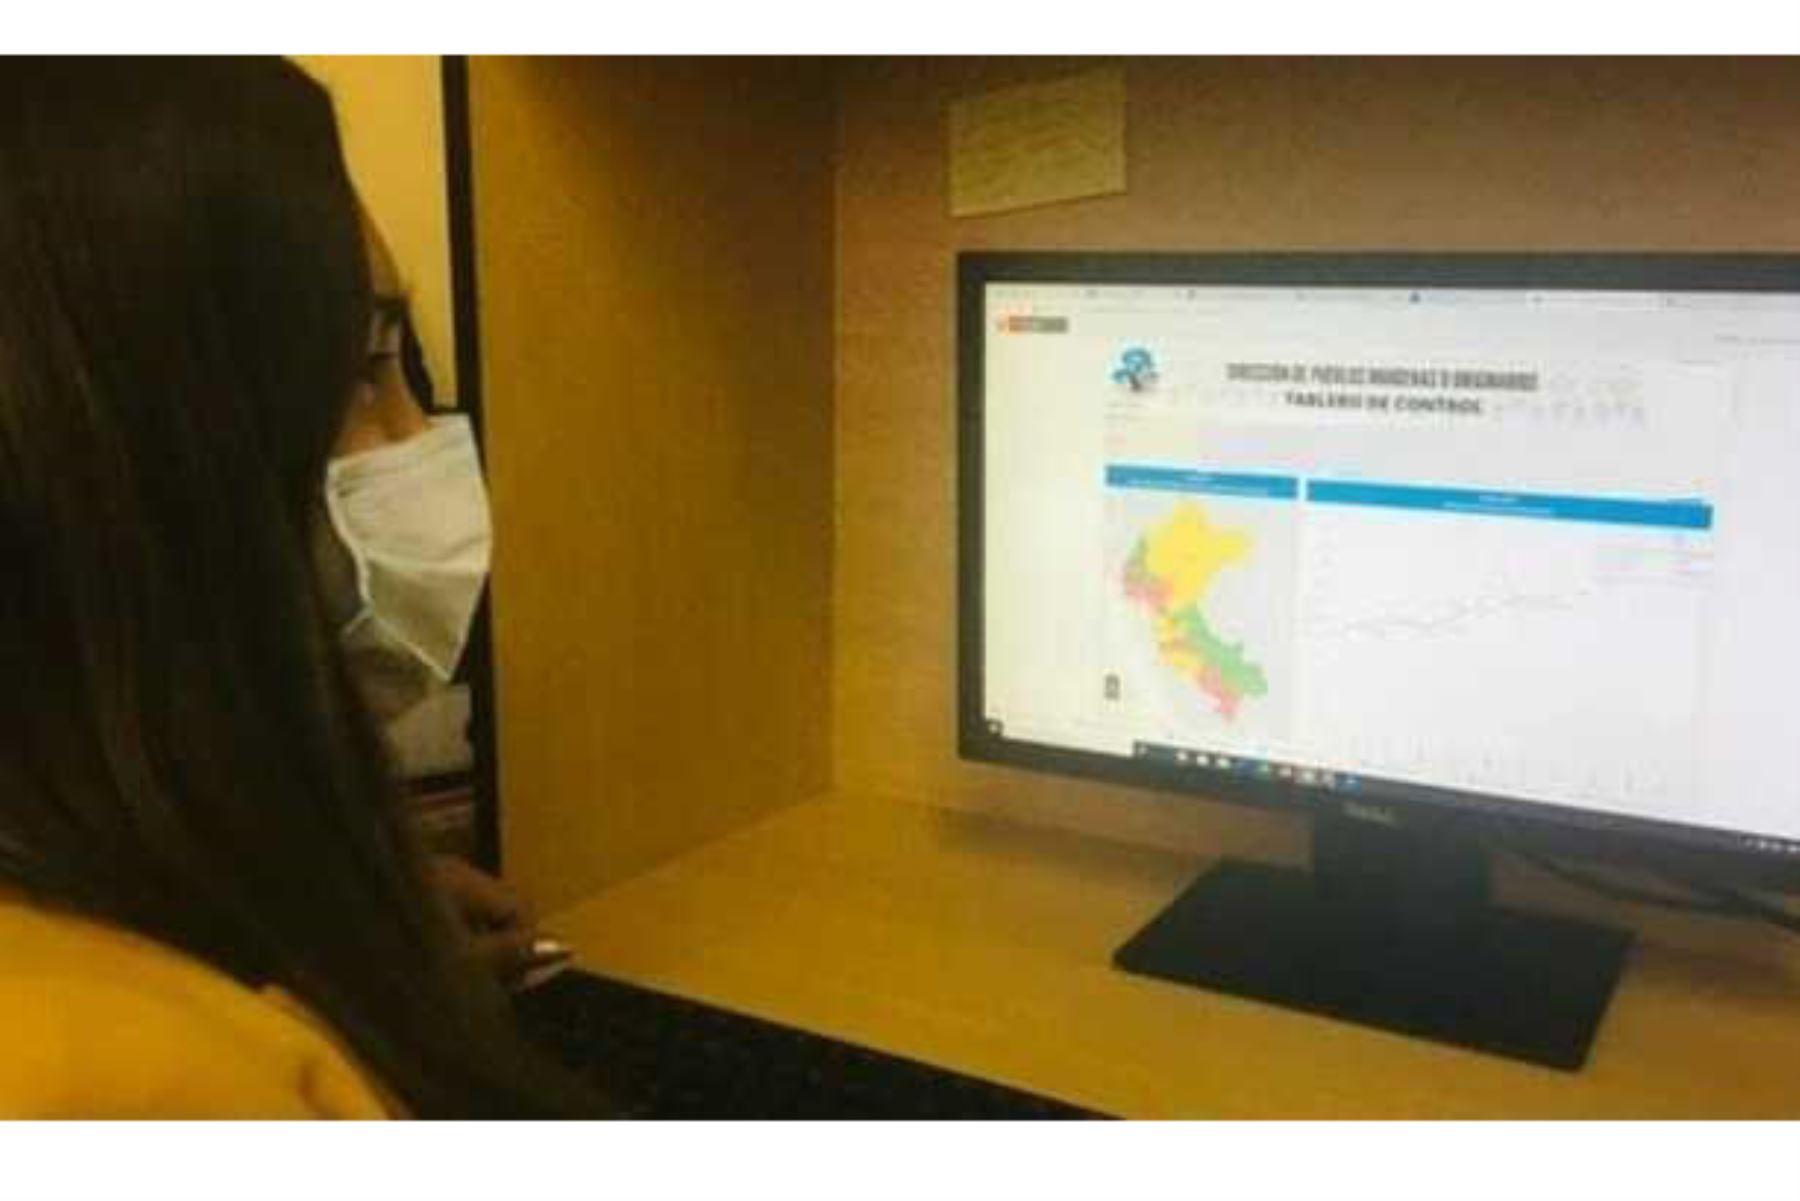 Mediante el Tablero de Control puede accederse a data actualizada de la Sala de Población Indígena con covid-19. Foto: ANDINA/Minsa